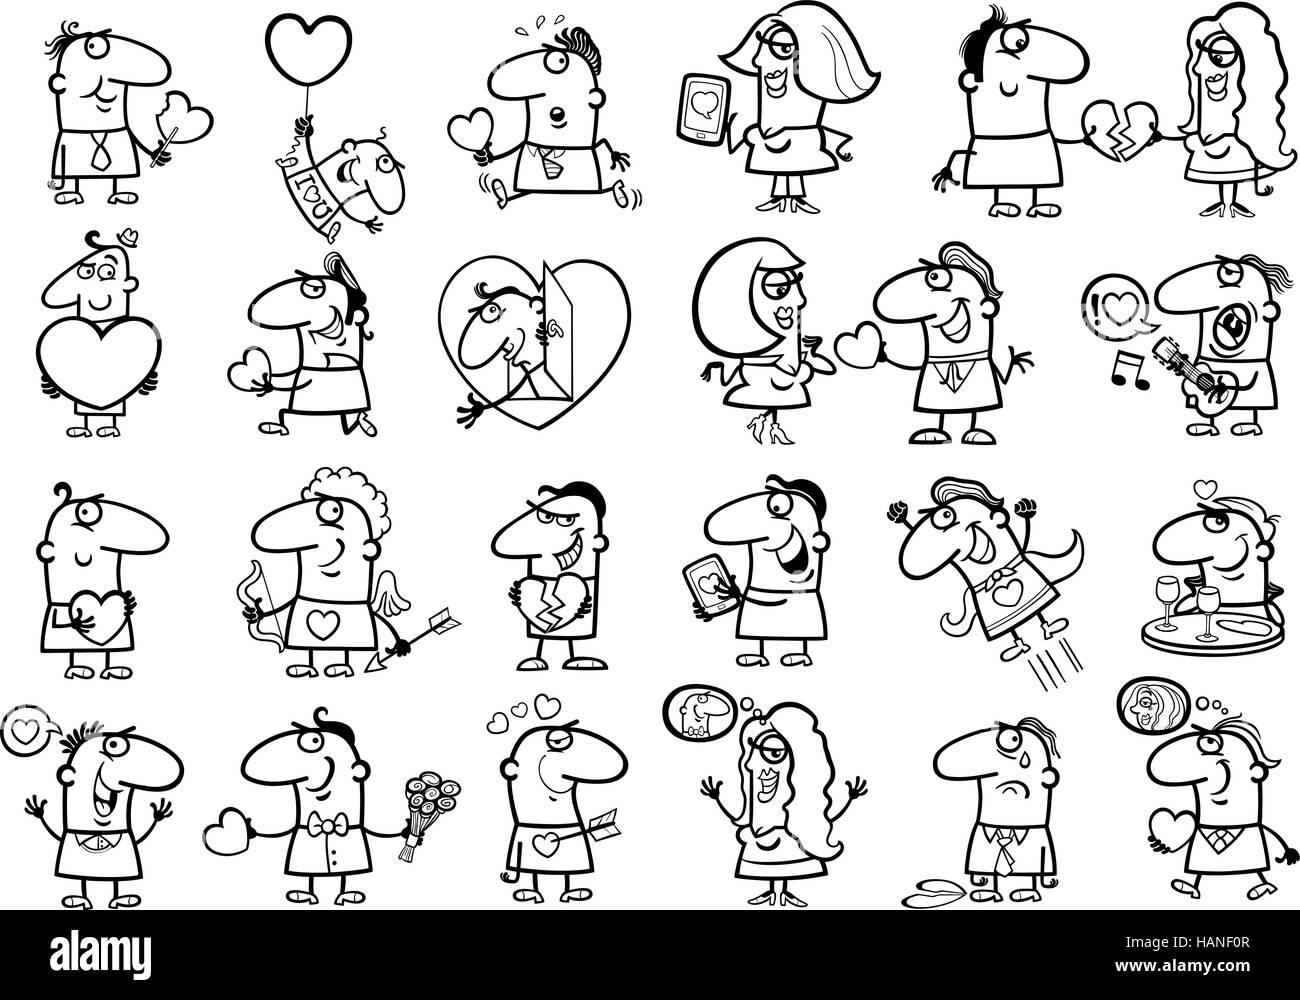 Ilustración caricatura en blanco y negro de personas divertidas en ...